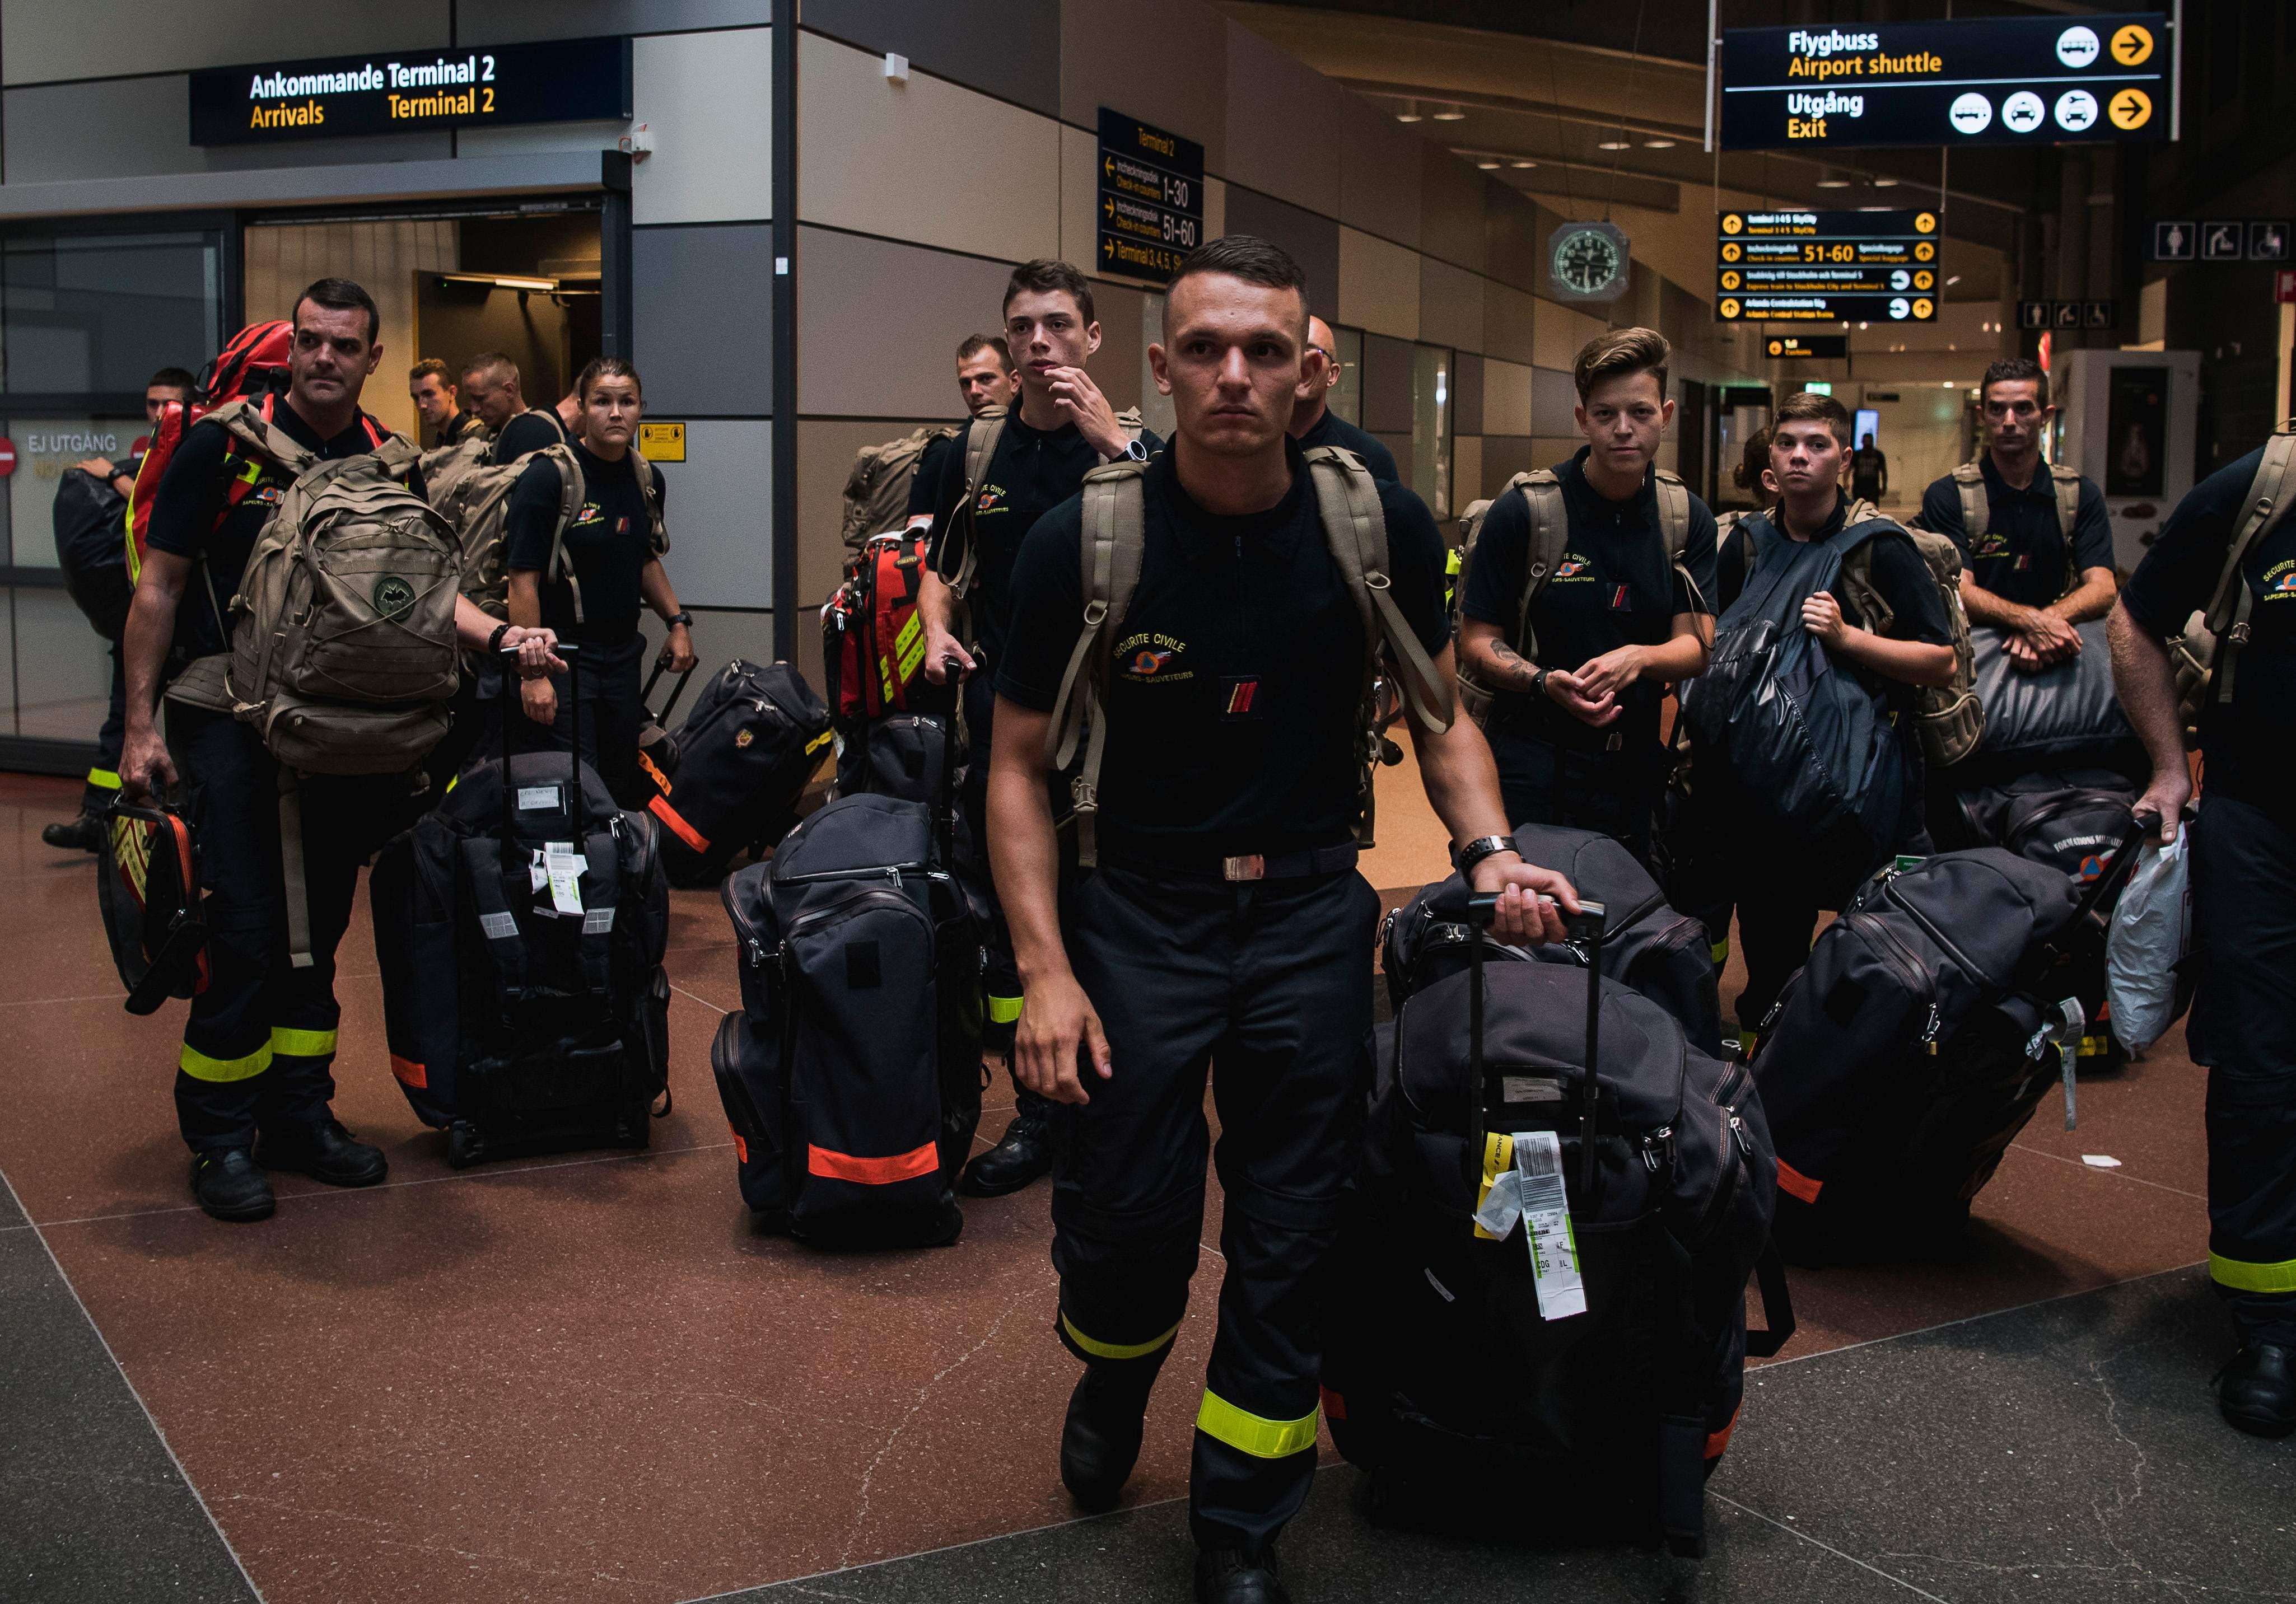 القوات المرسلة إلي السويد